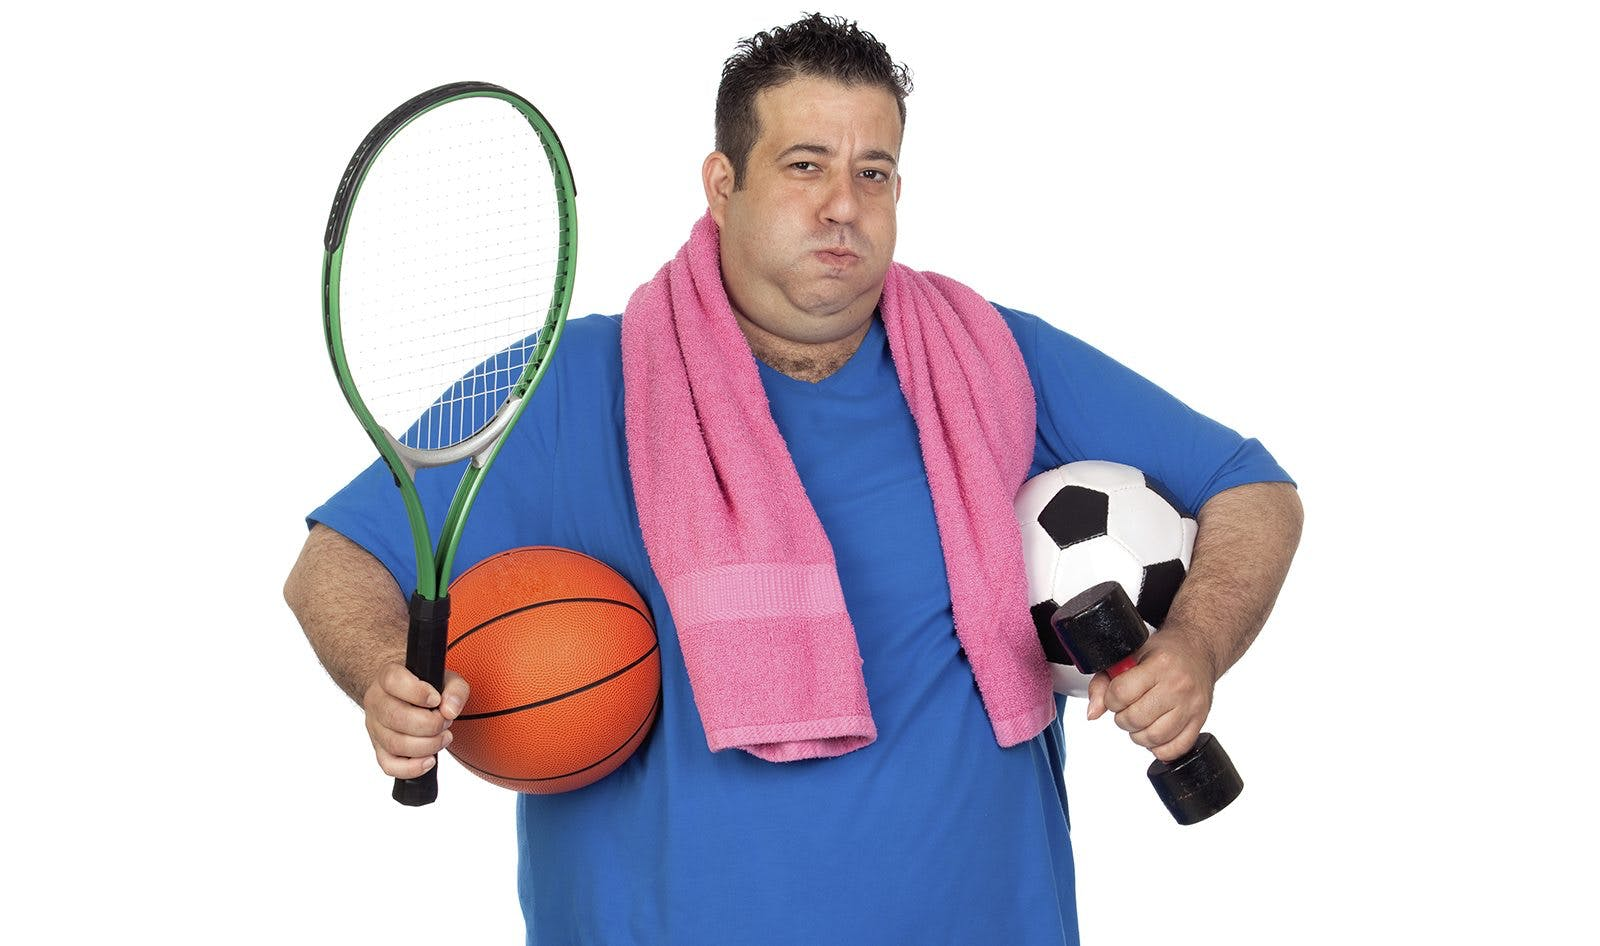 Så tränar du dig enklast till lägre vikt och bättre hälsa